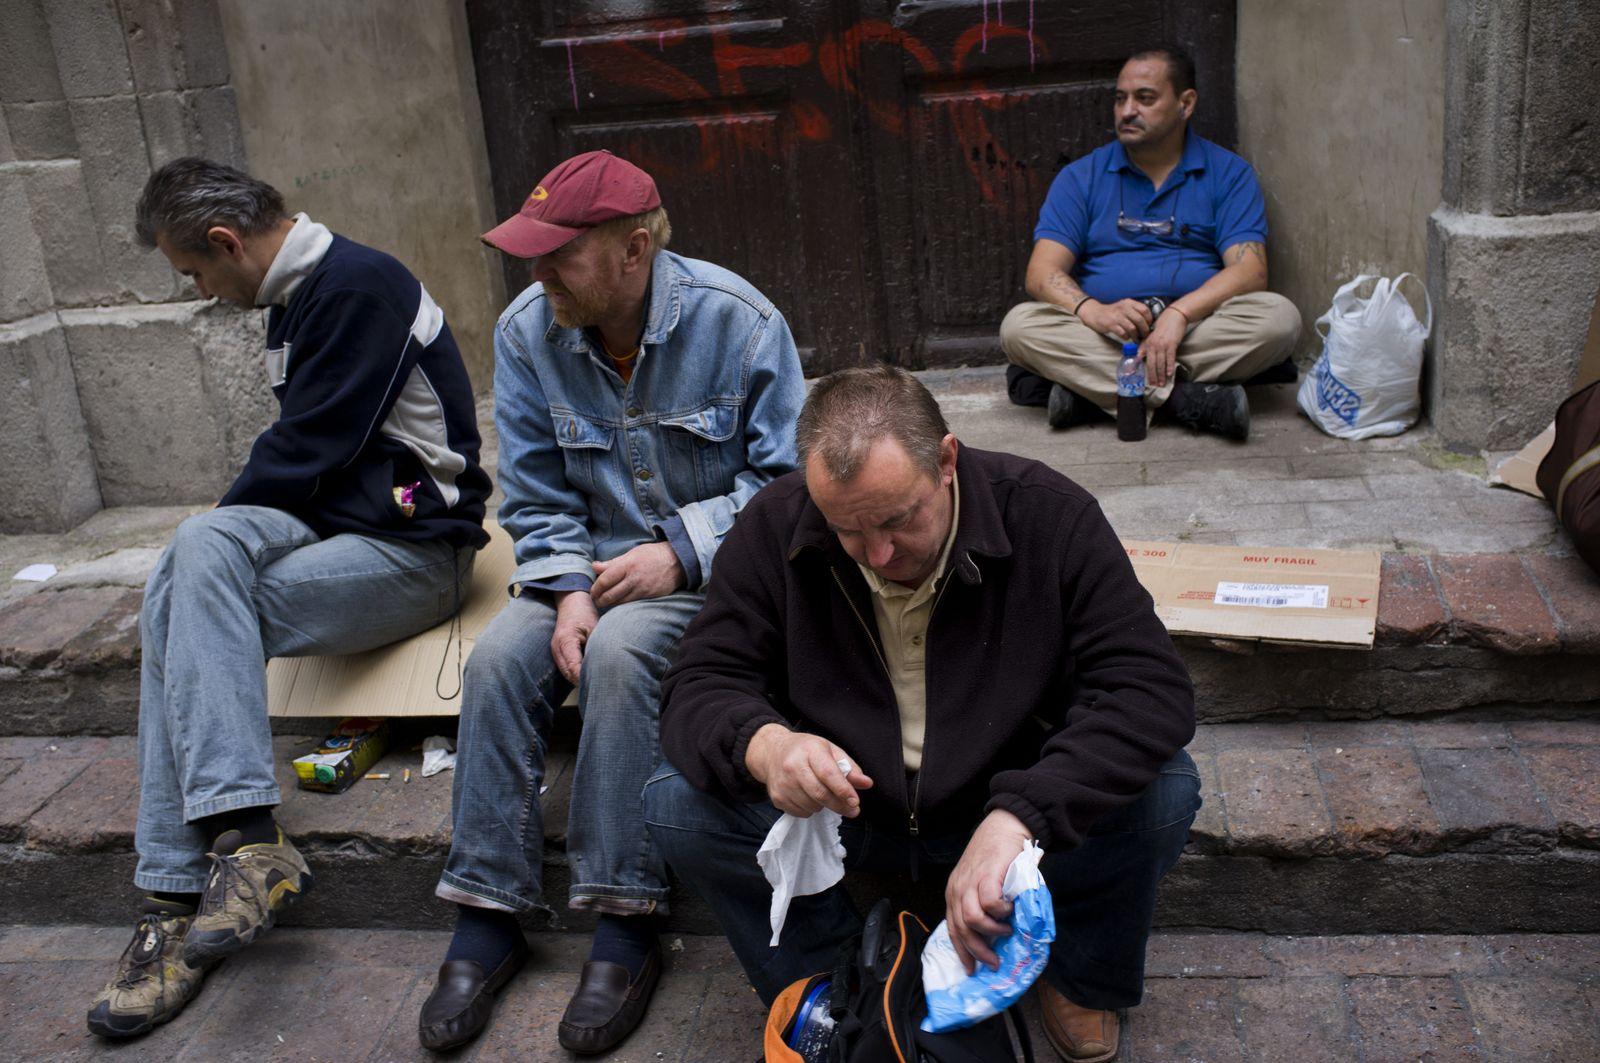 Spanien / Arbeitslosigkeit / Wirtschaftskrise